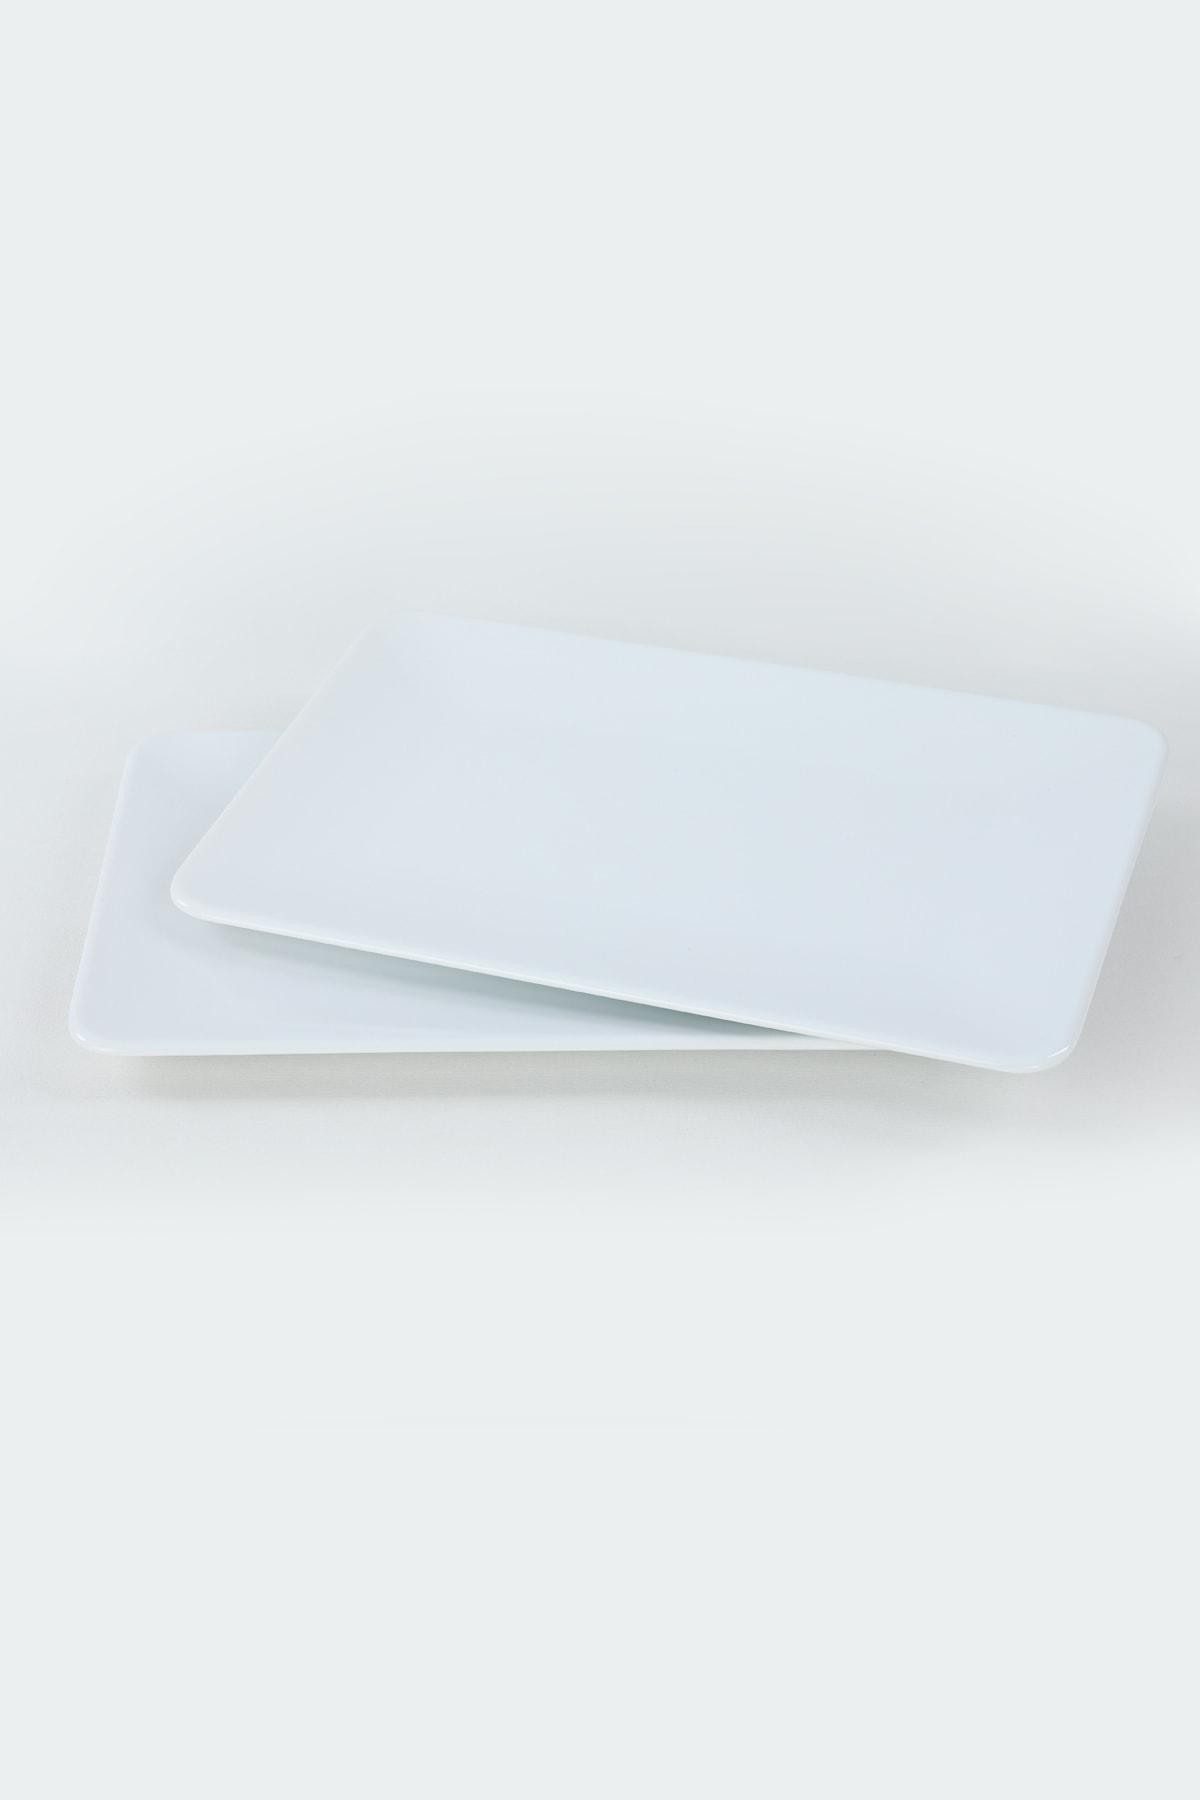 Keramika Beyaz Kayık Tabak 33X21 Cm 2 Adet 2